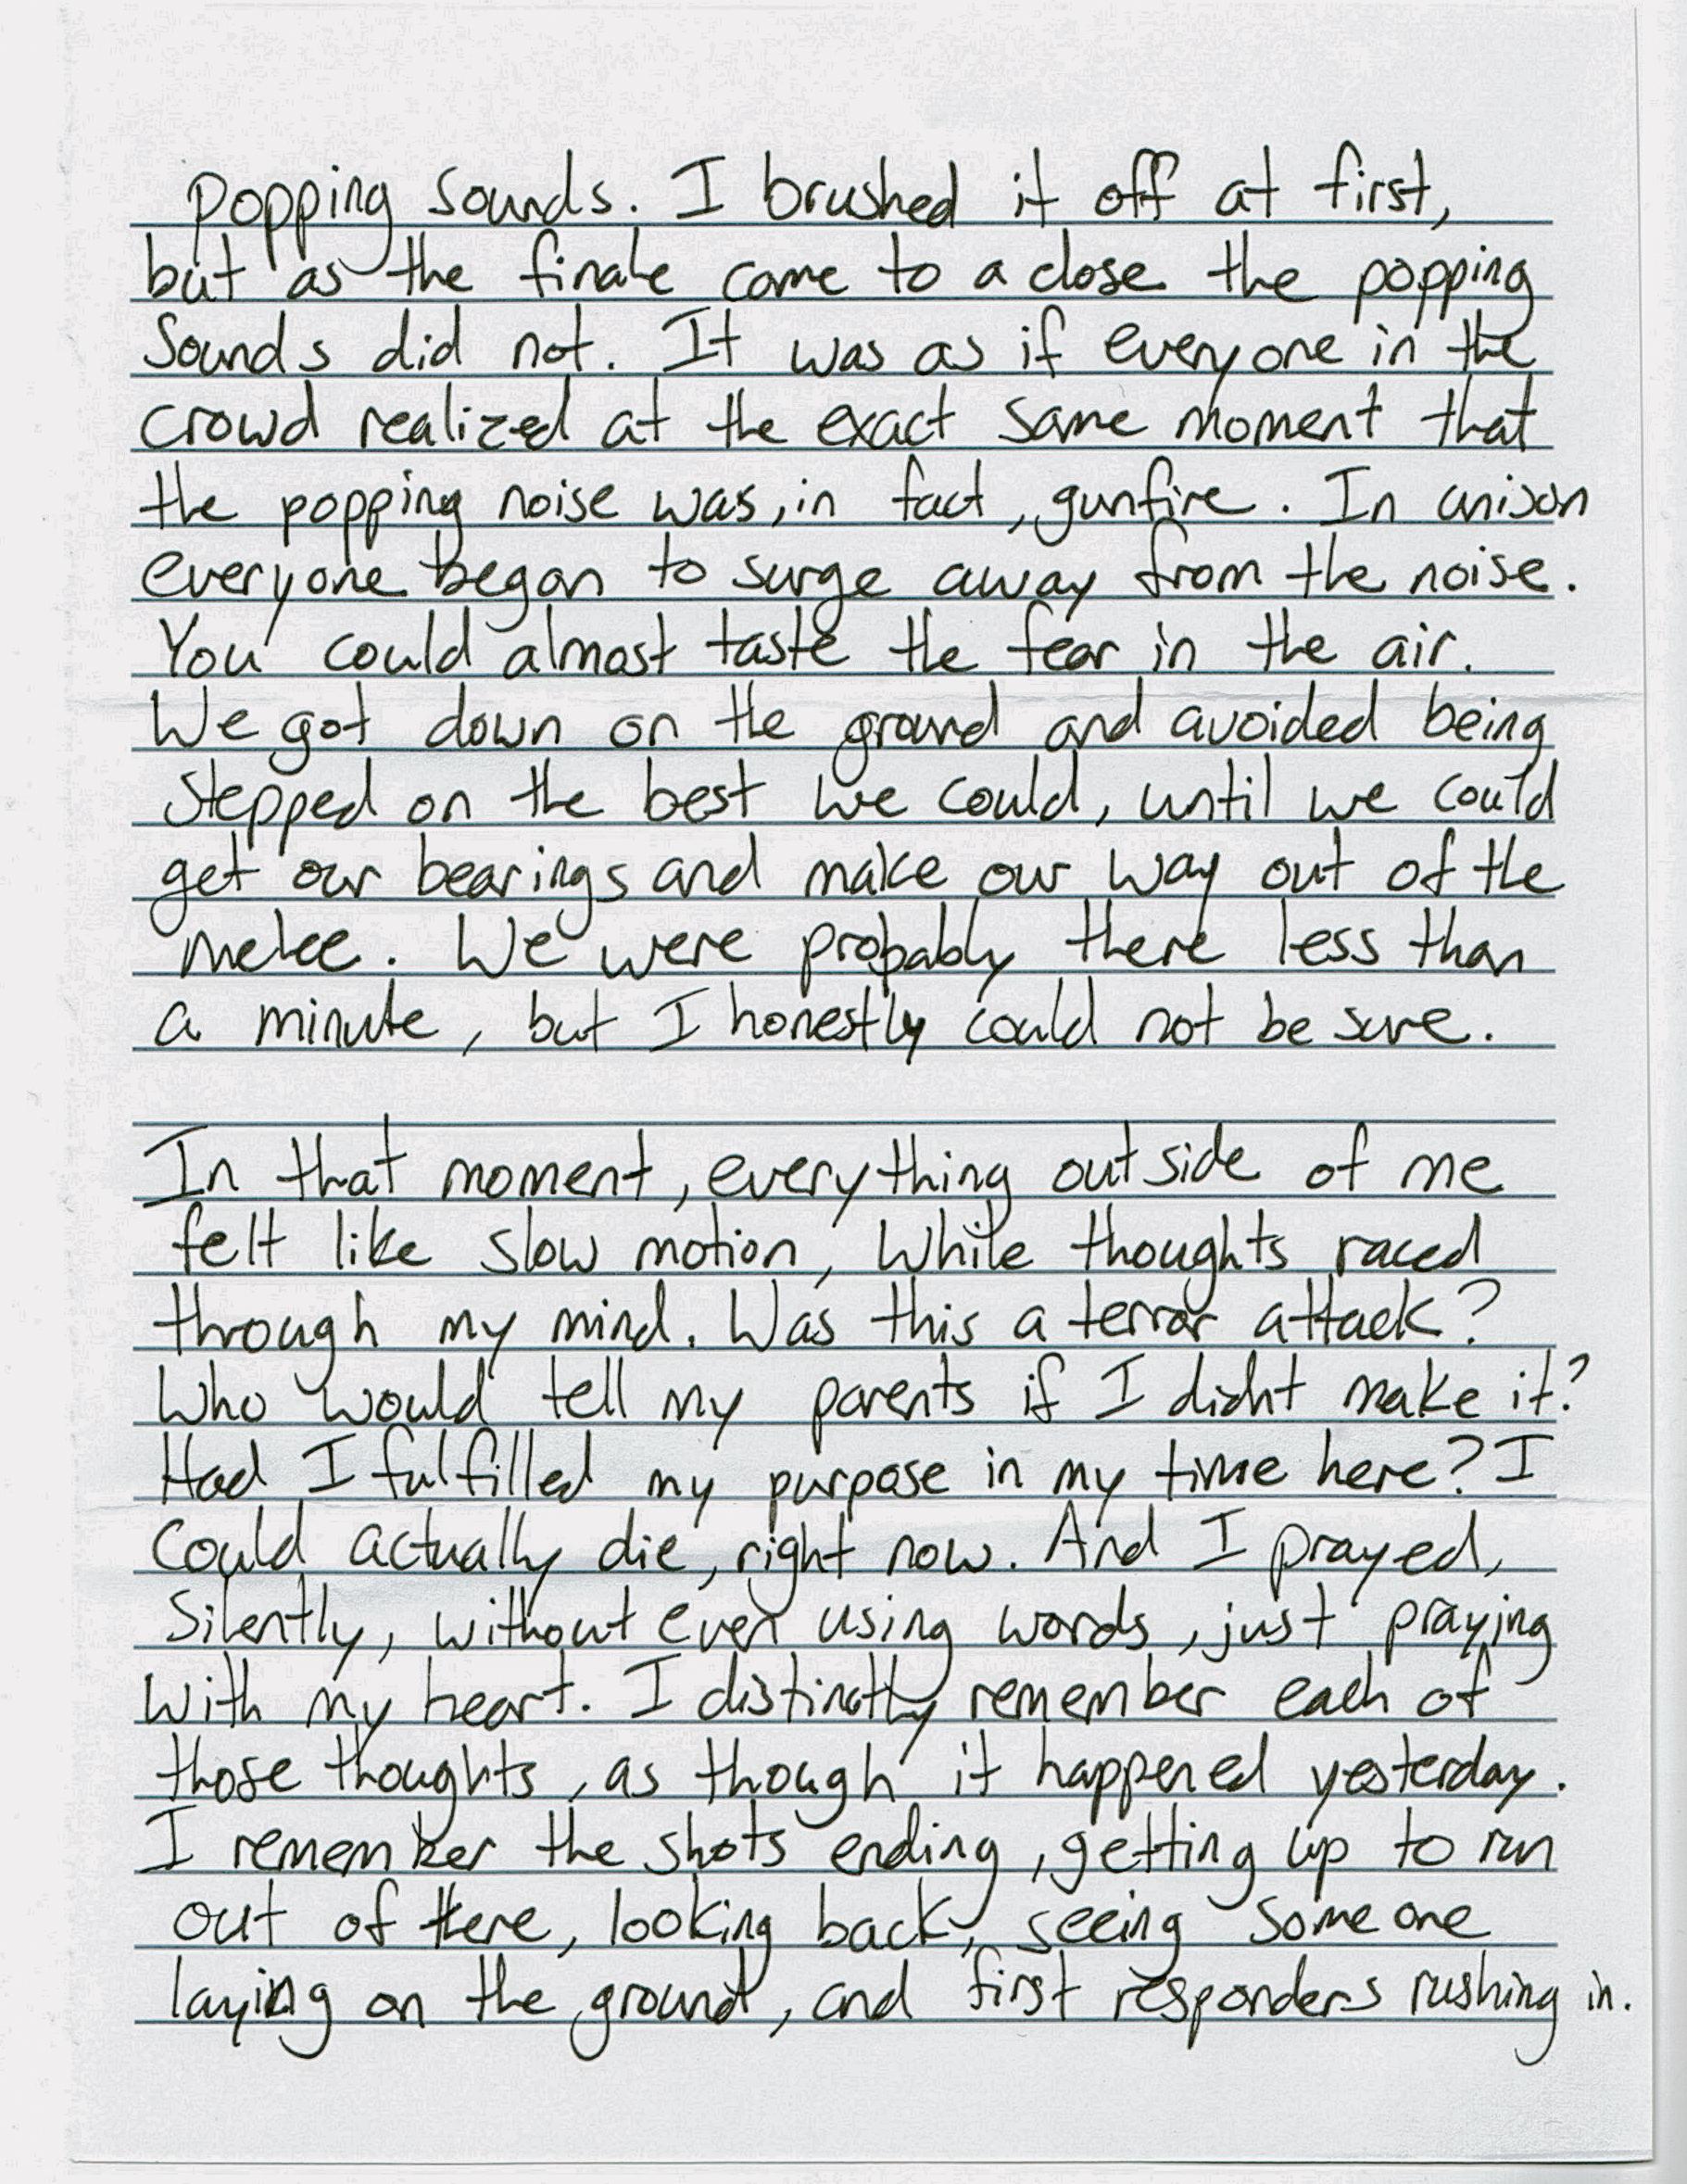 letters-to-women-8.jpg